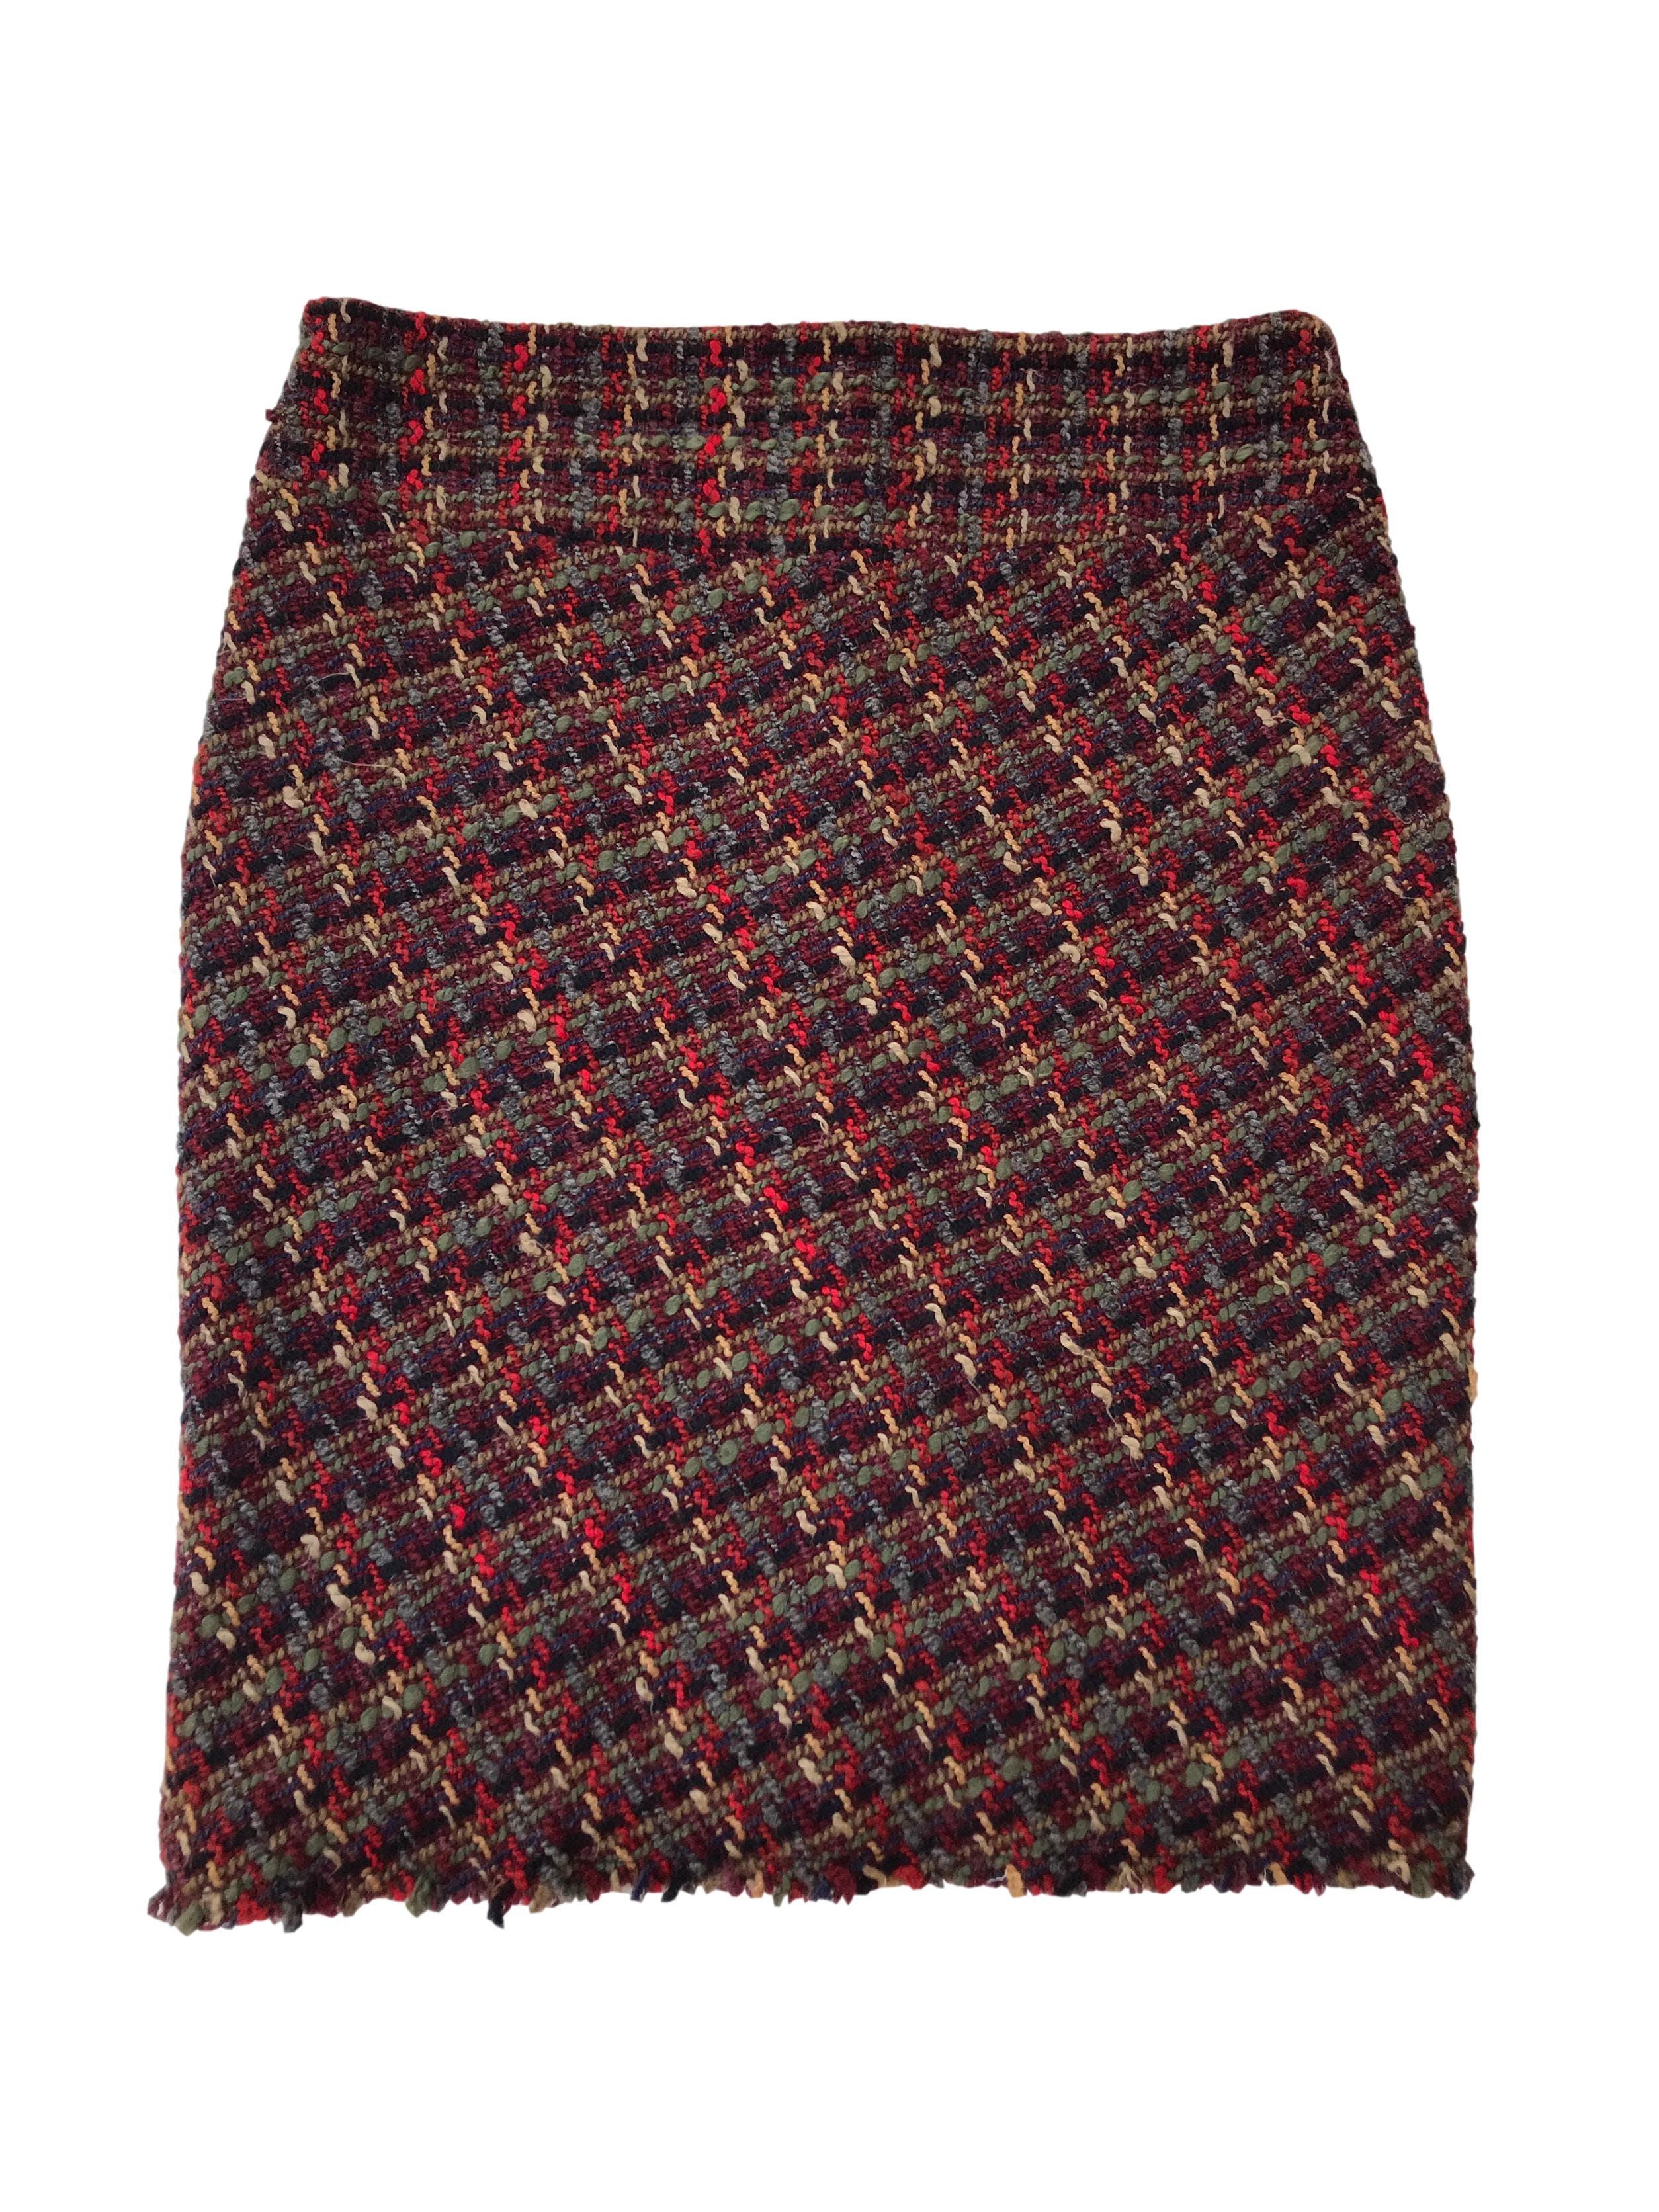 Falda Philosophy de tweed en tonos cálidos 70% lana, forrada, con cierre y abertura posterior en la basta. Cintura 86cm Largo 60cm. Tiene Blazer conjunto.